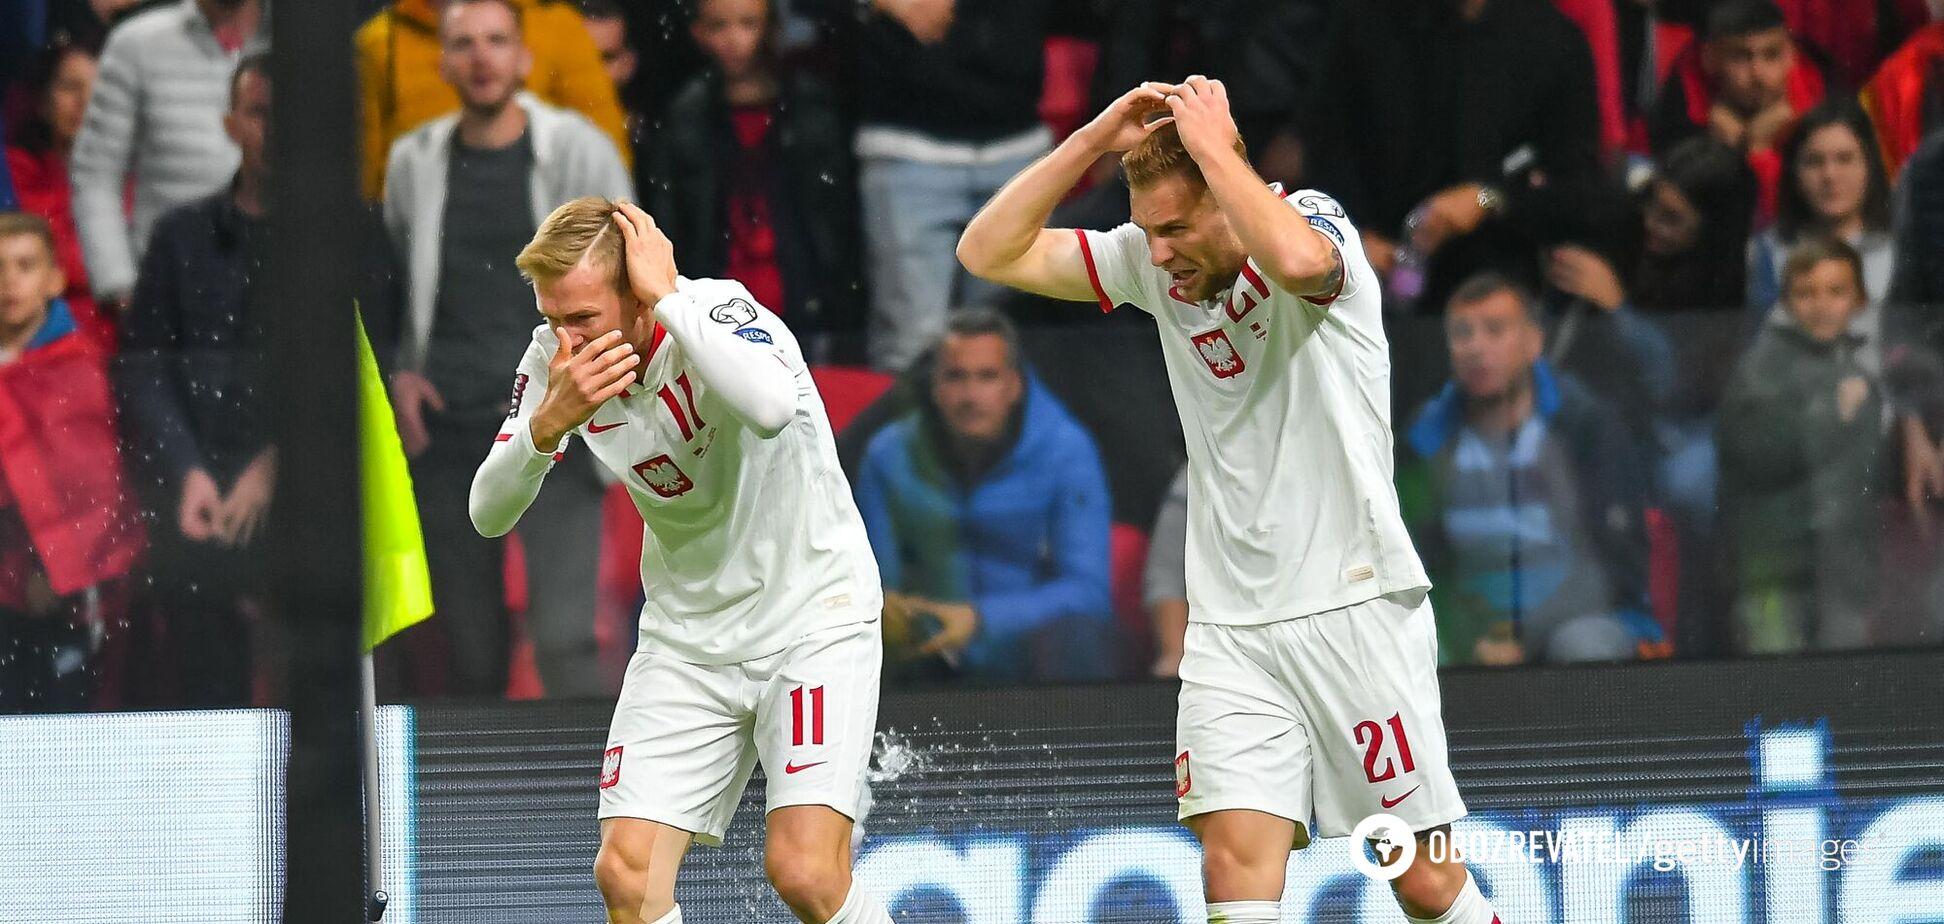 Фанати закидали футболістів пляшками і зупинили матч Албанія – Польща. Відео